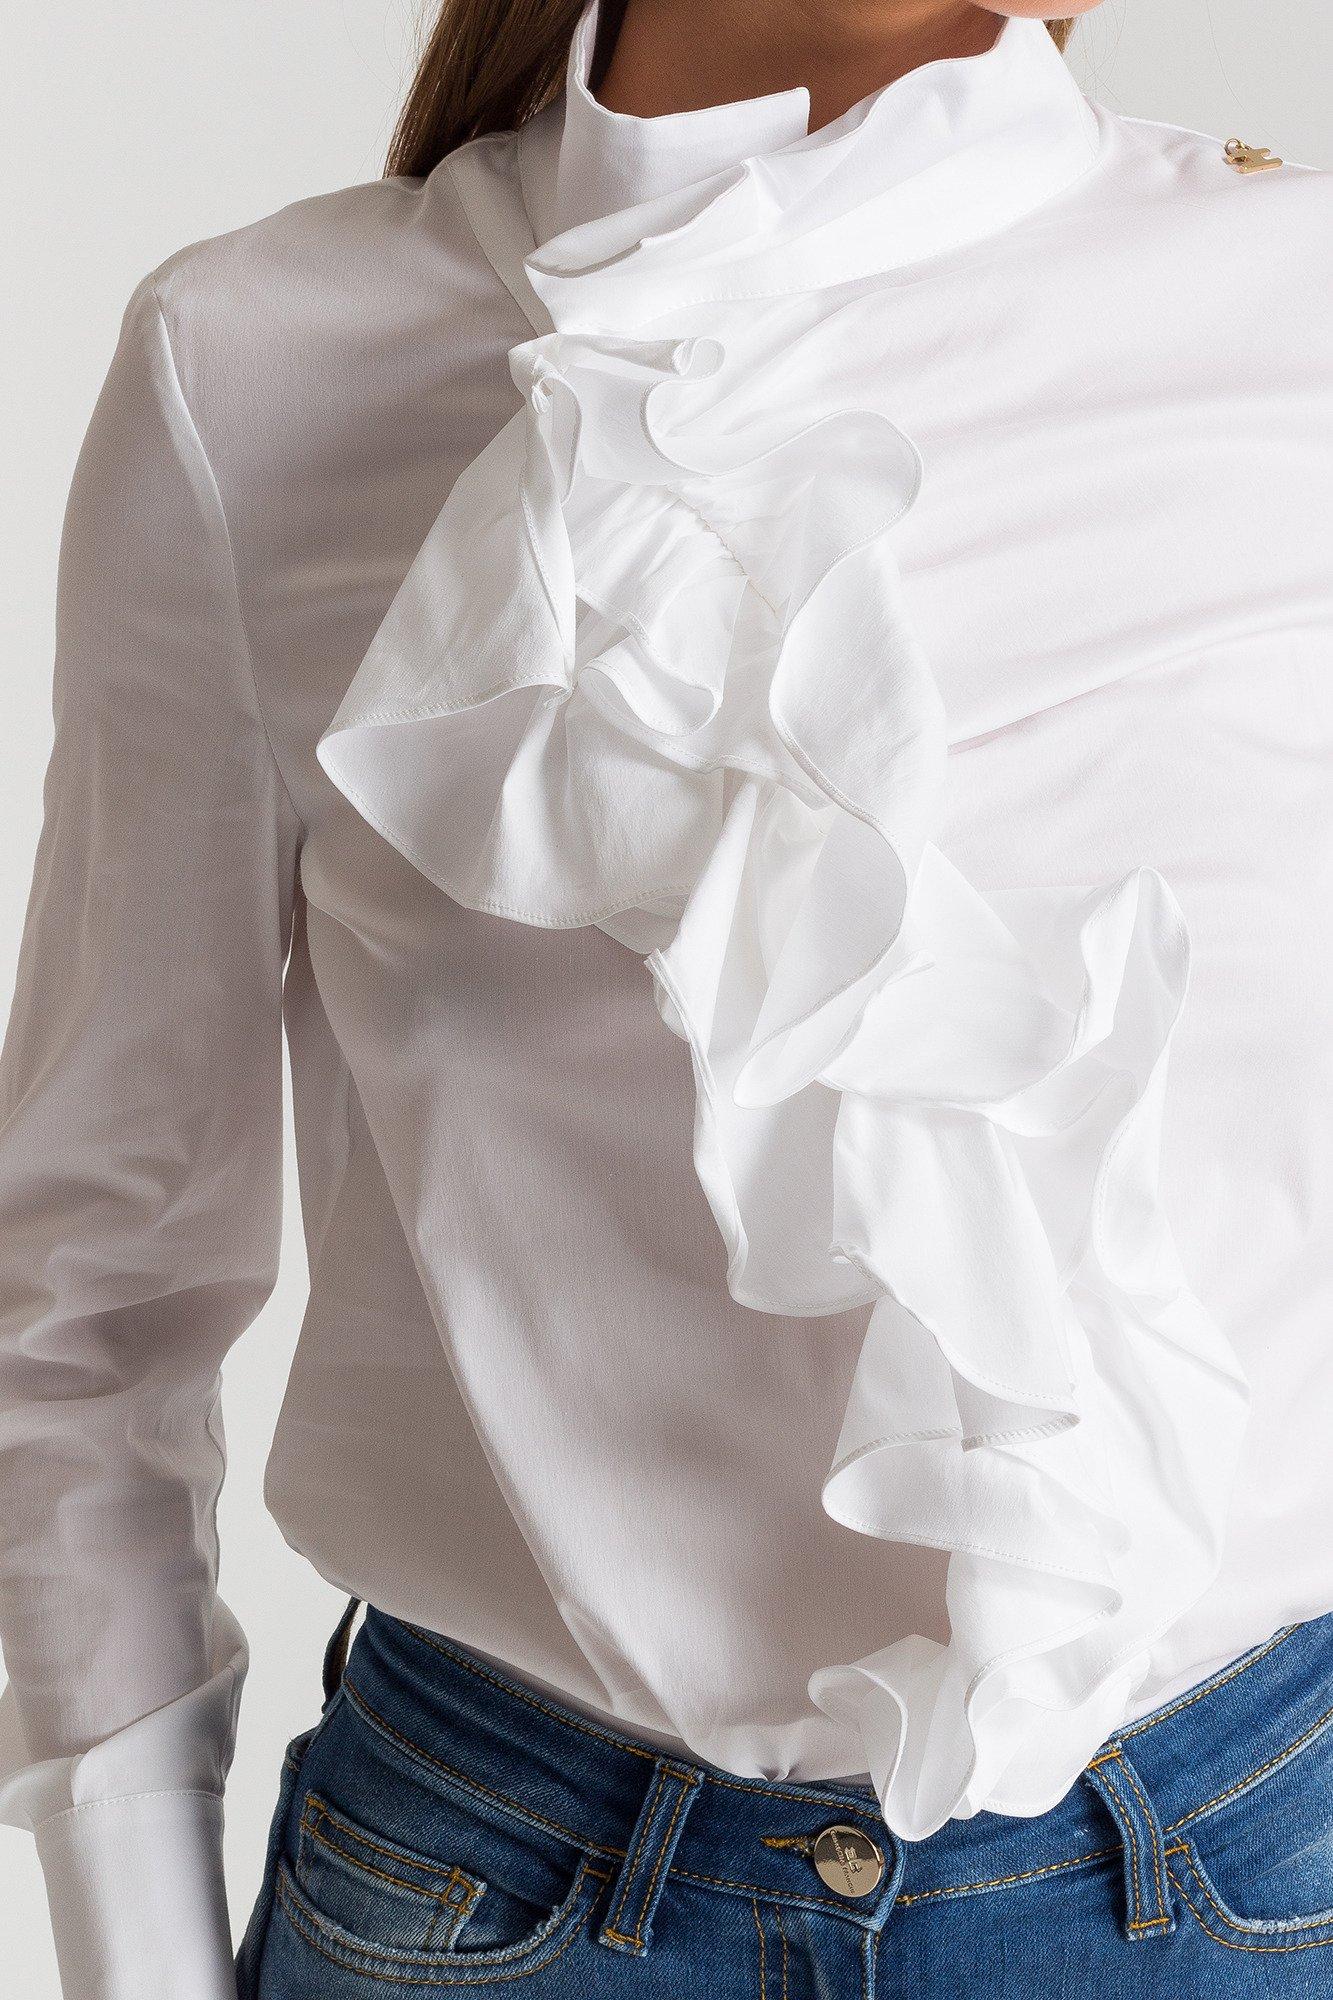 Biała koszula damska z żabotem | Marki Premium w sklepie